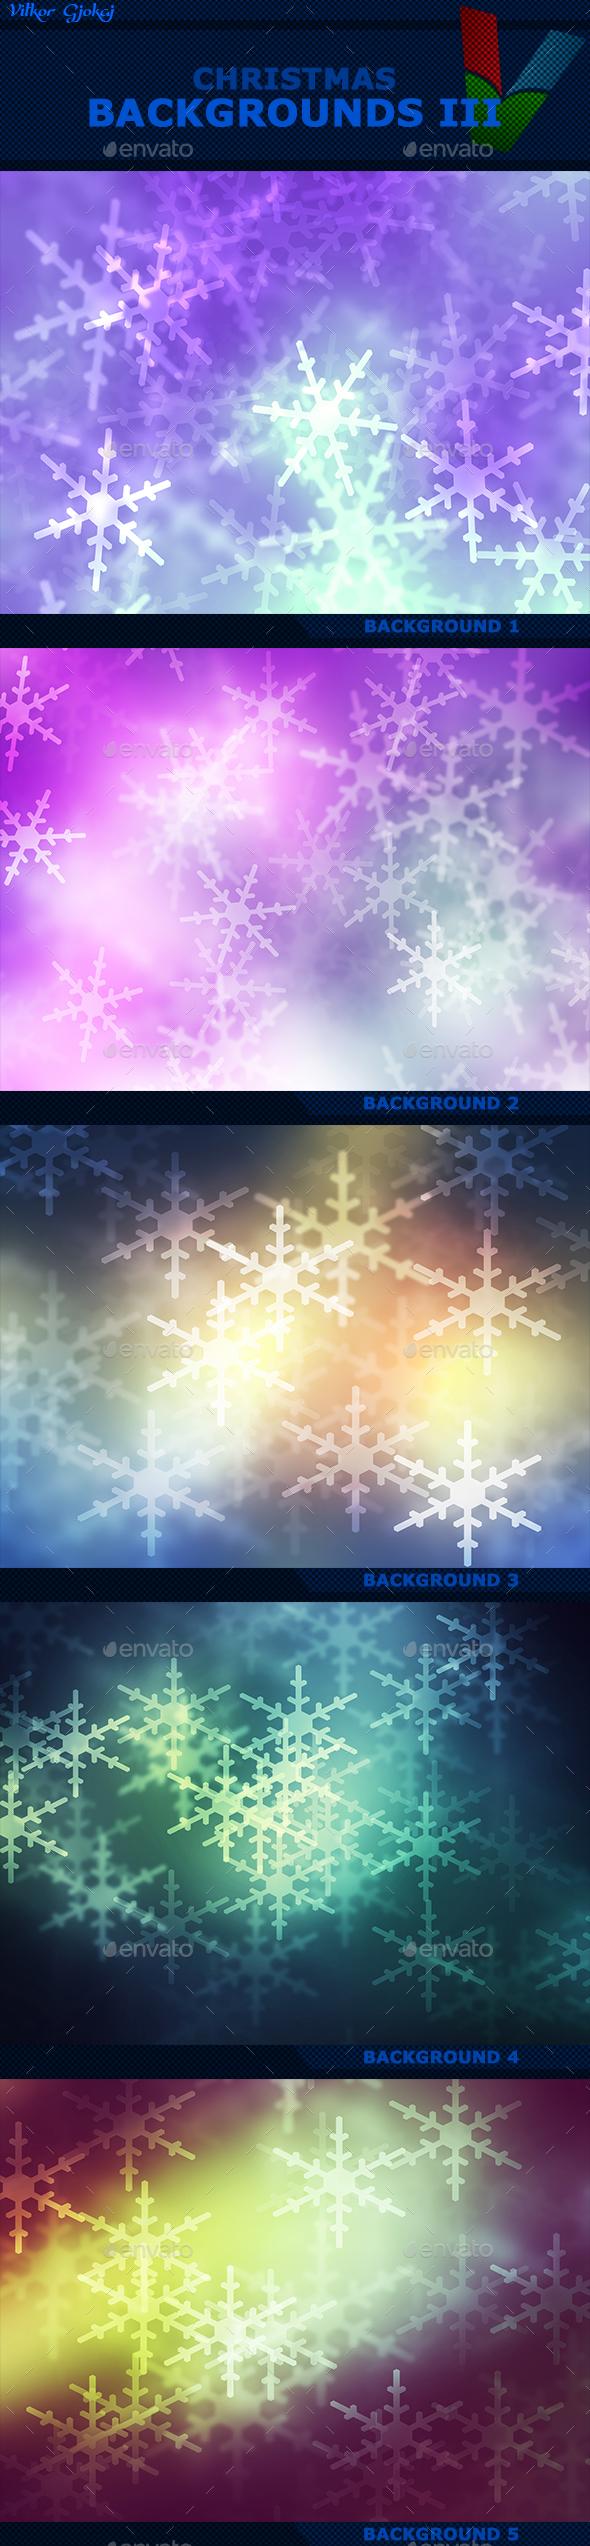 Christmas Backgrounds III - Abstract Backgrounds